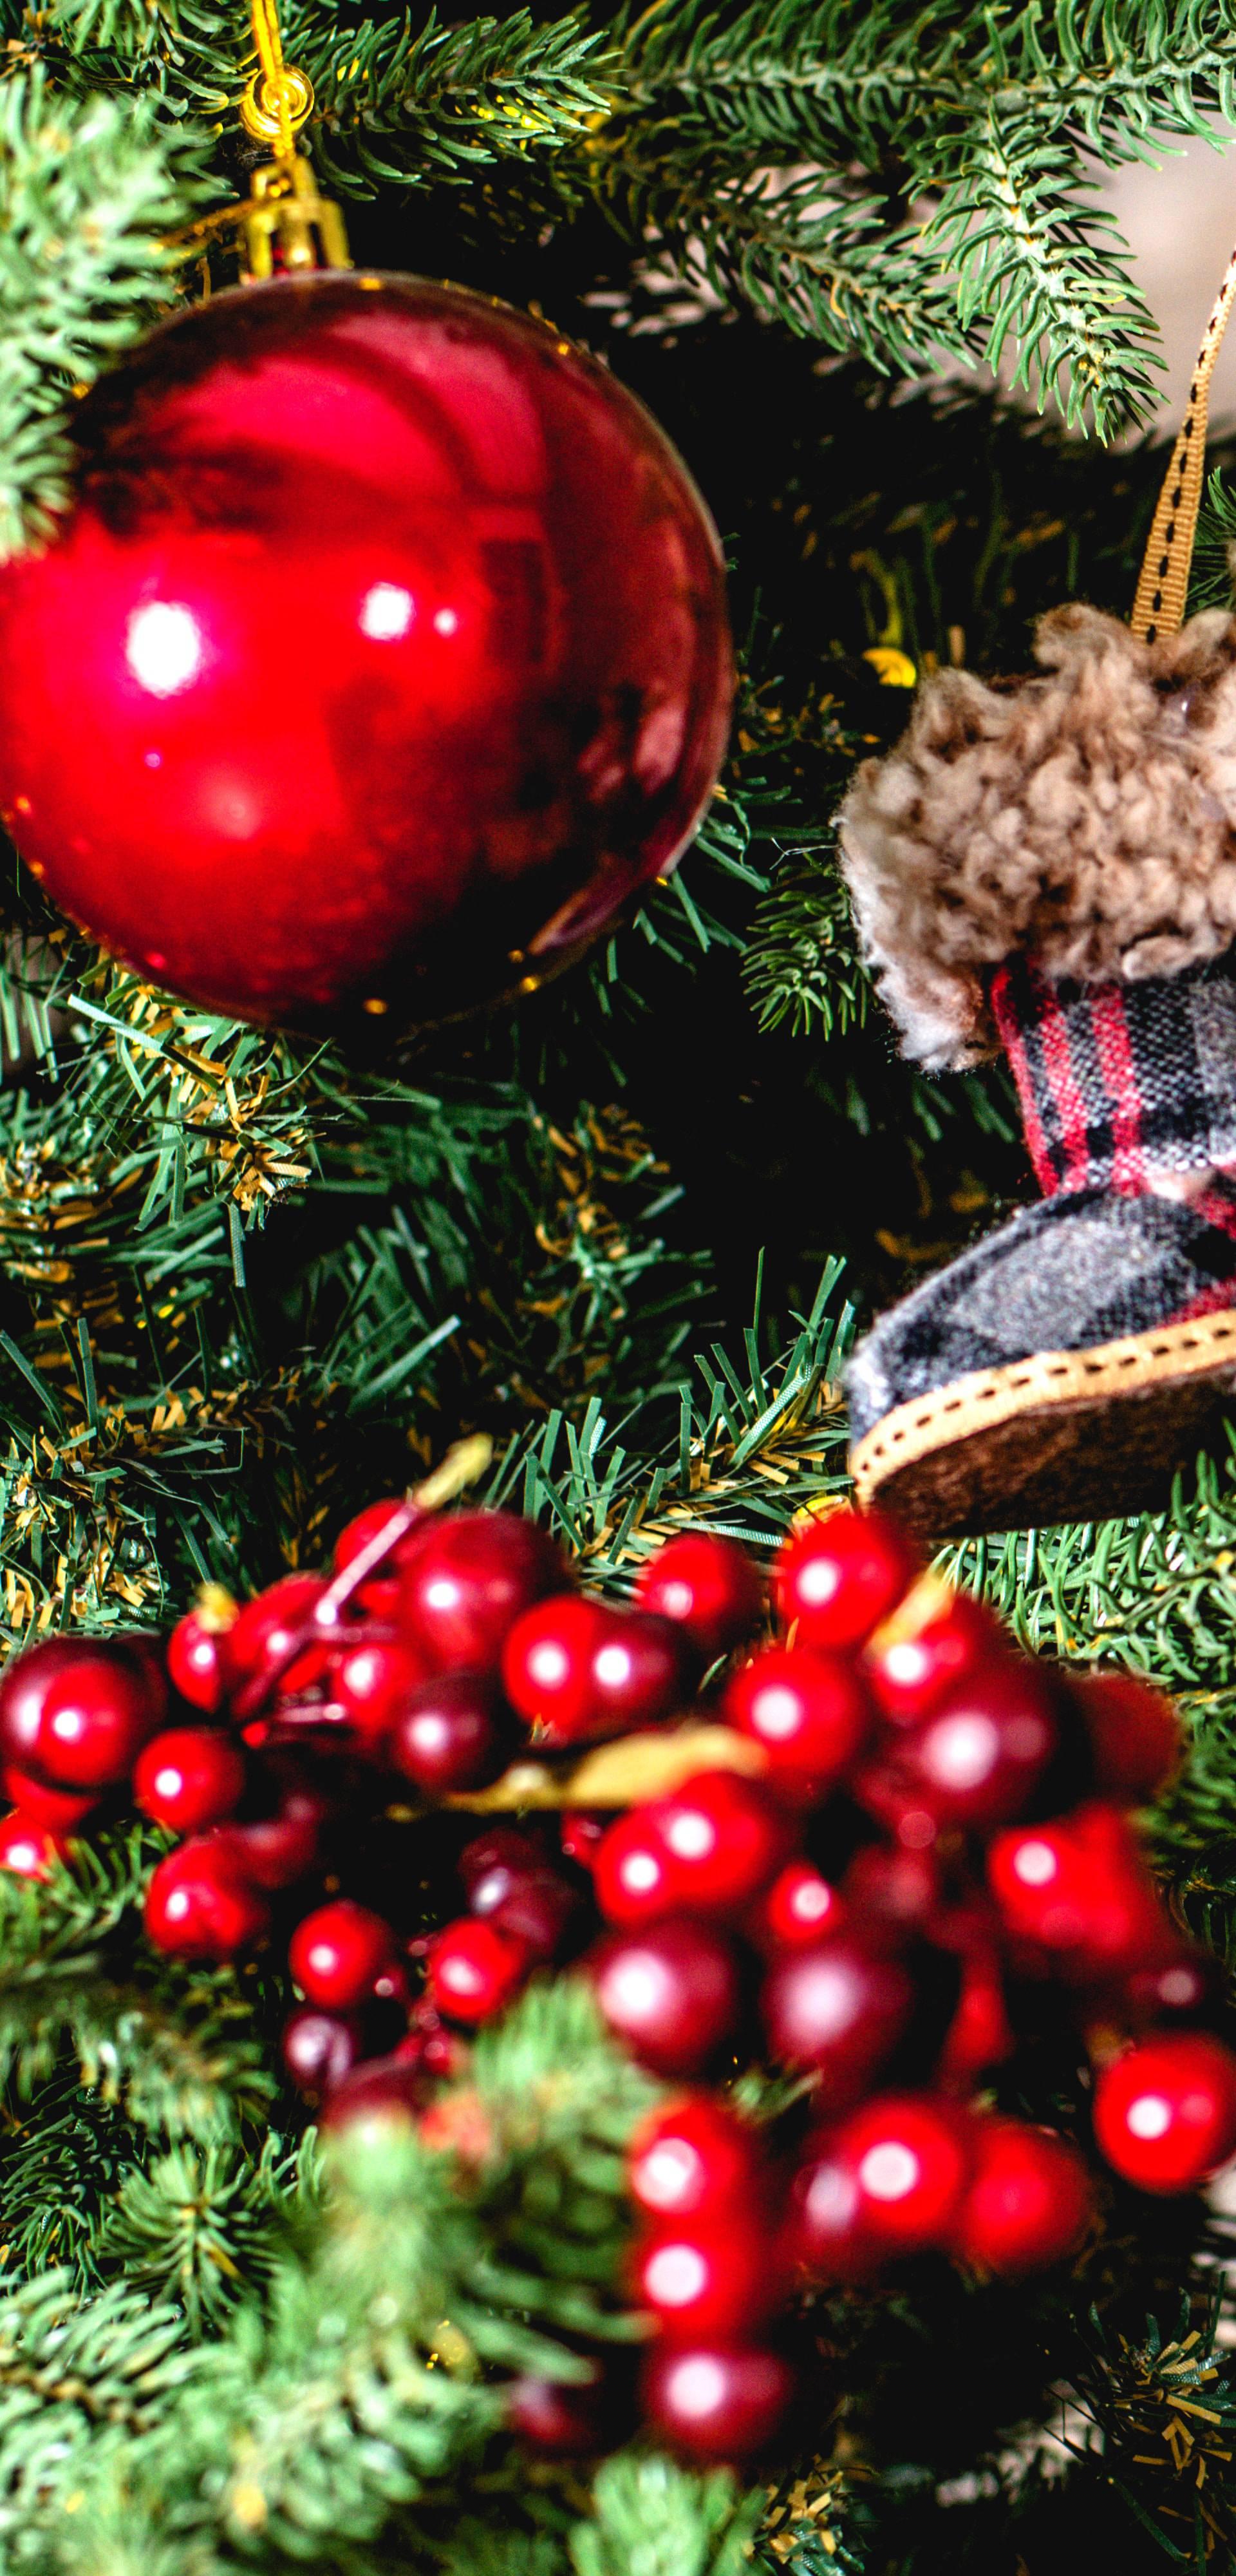 Krenuli su slaviti Božić dva mjeseca ranije od uobičajenog